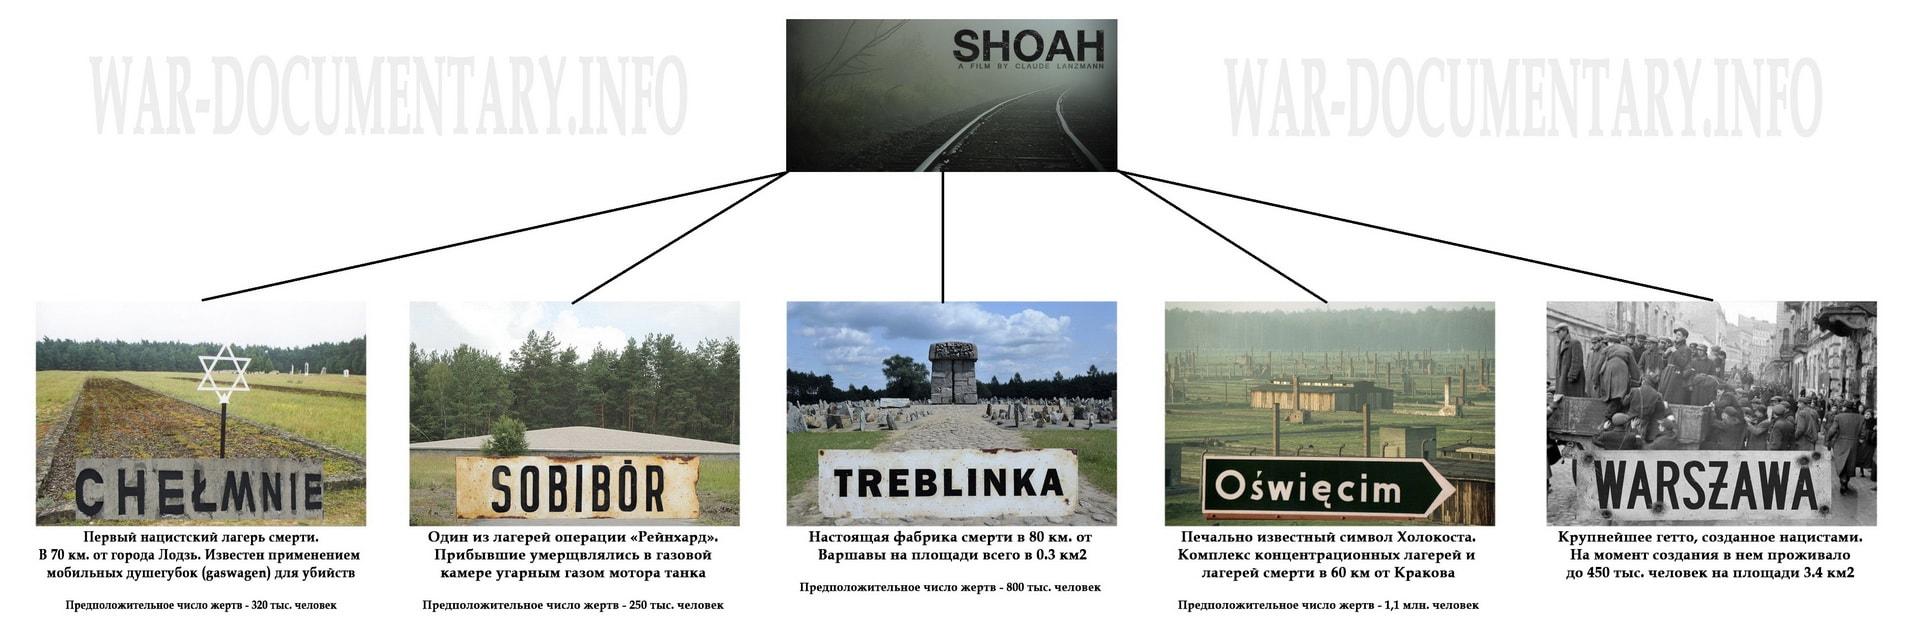 Лагеря смерти на территории Польши